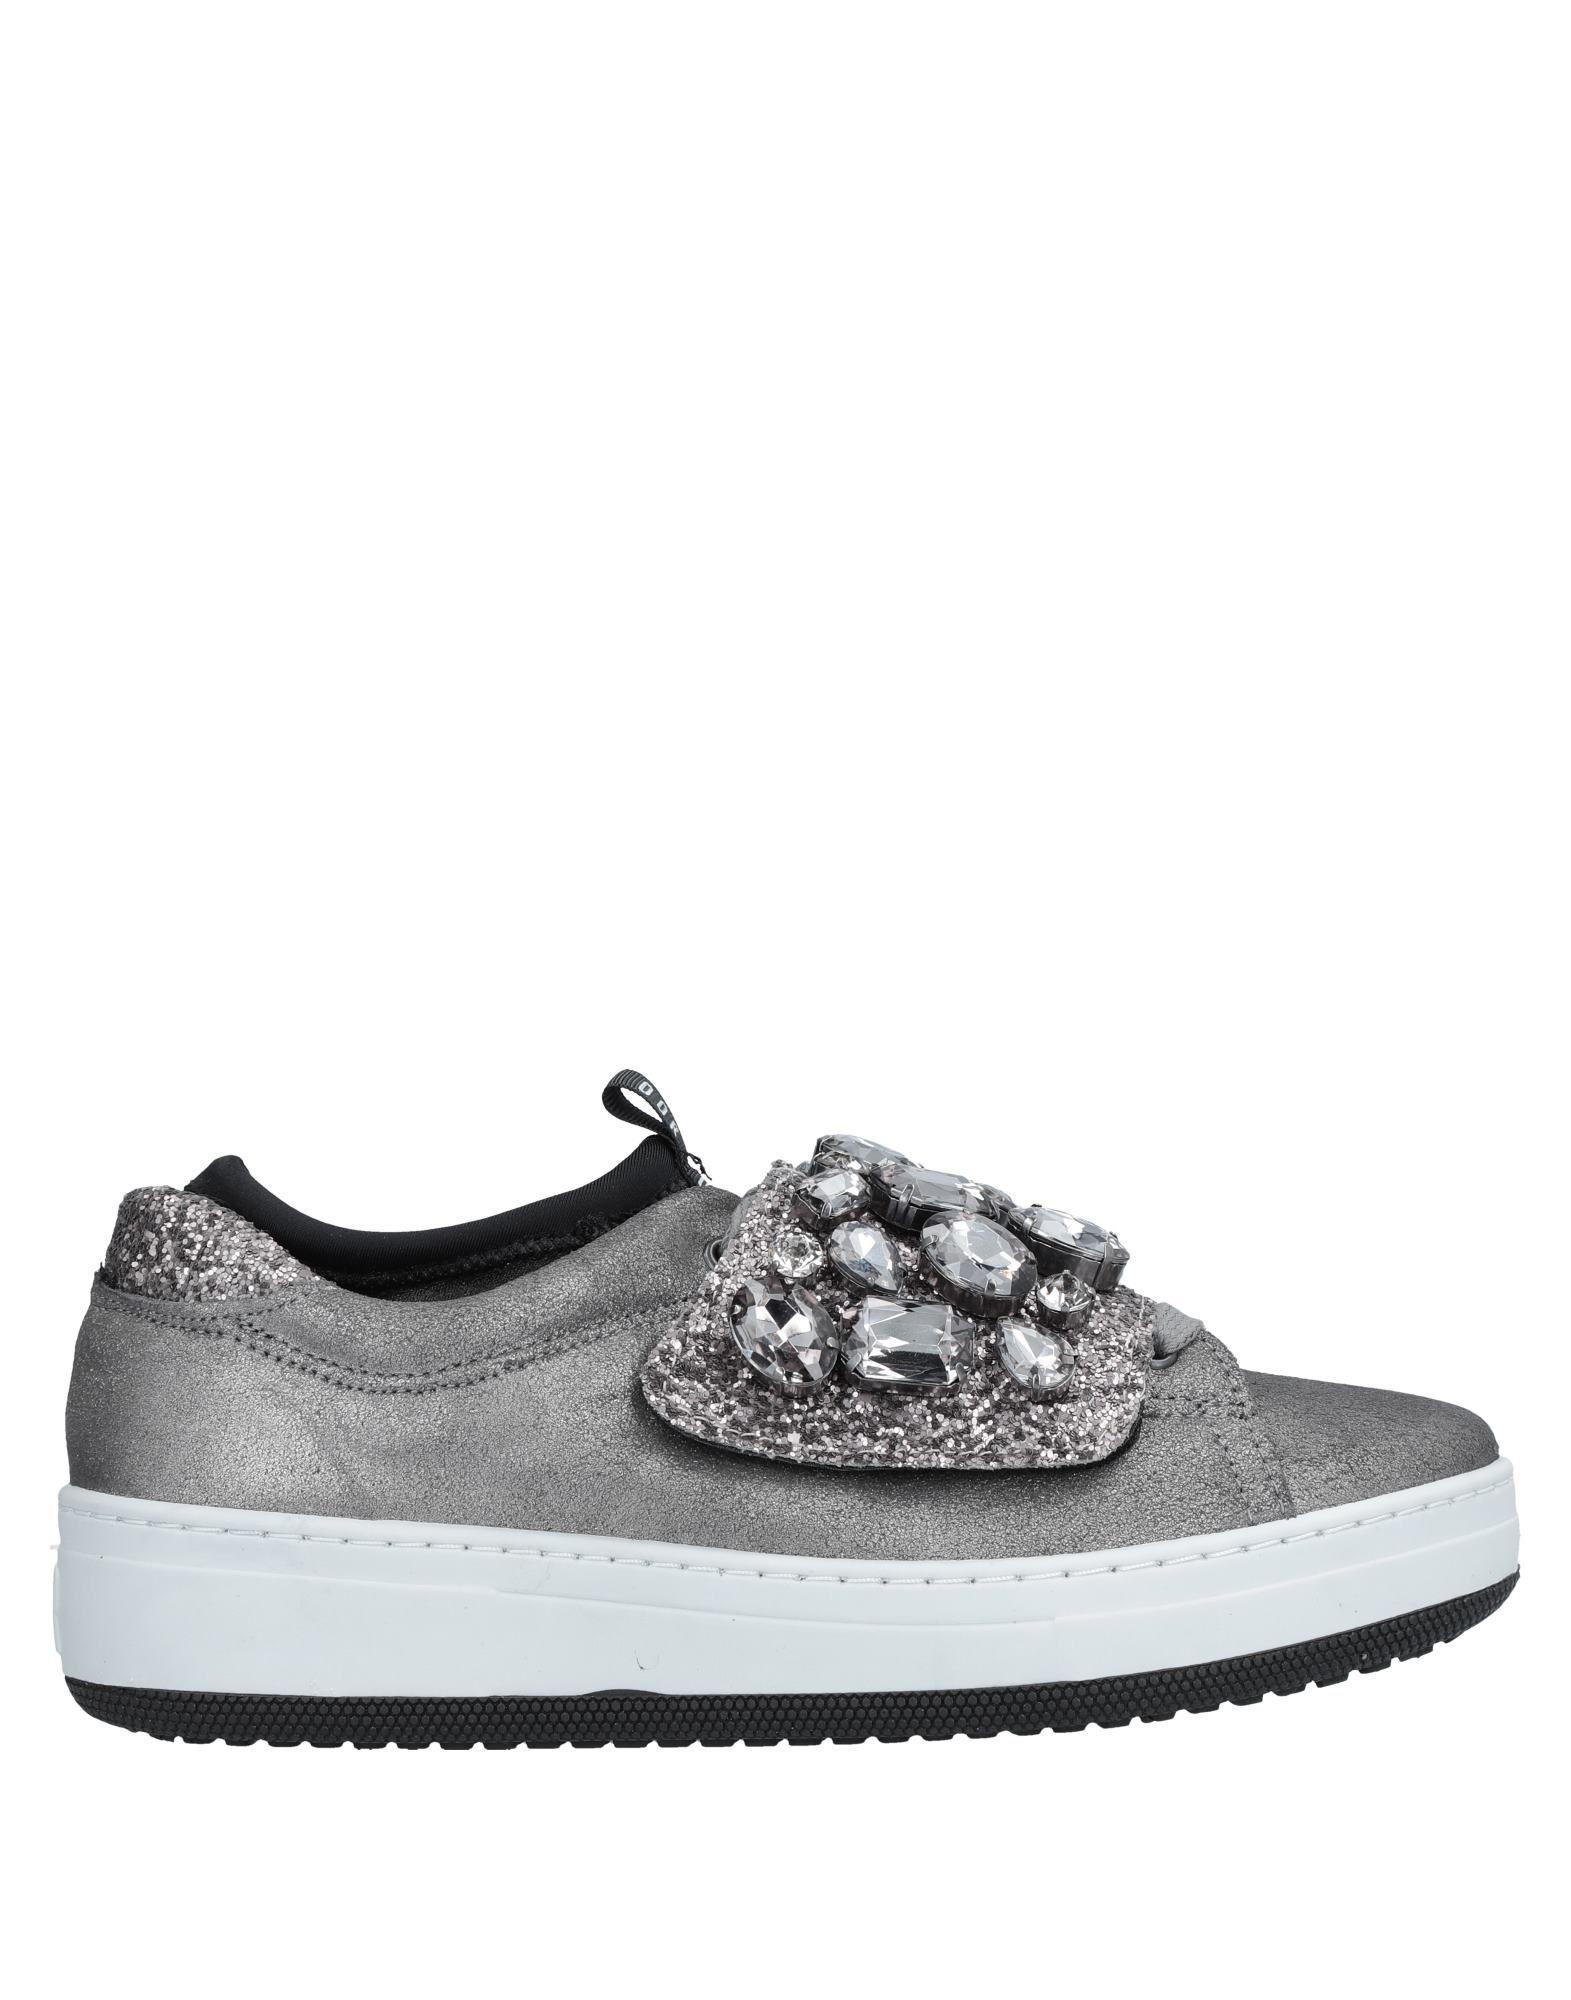 Dor Sneakers Damen  11532853QU Gute Qualität beliebte Schuhe